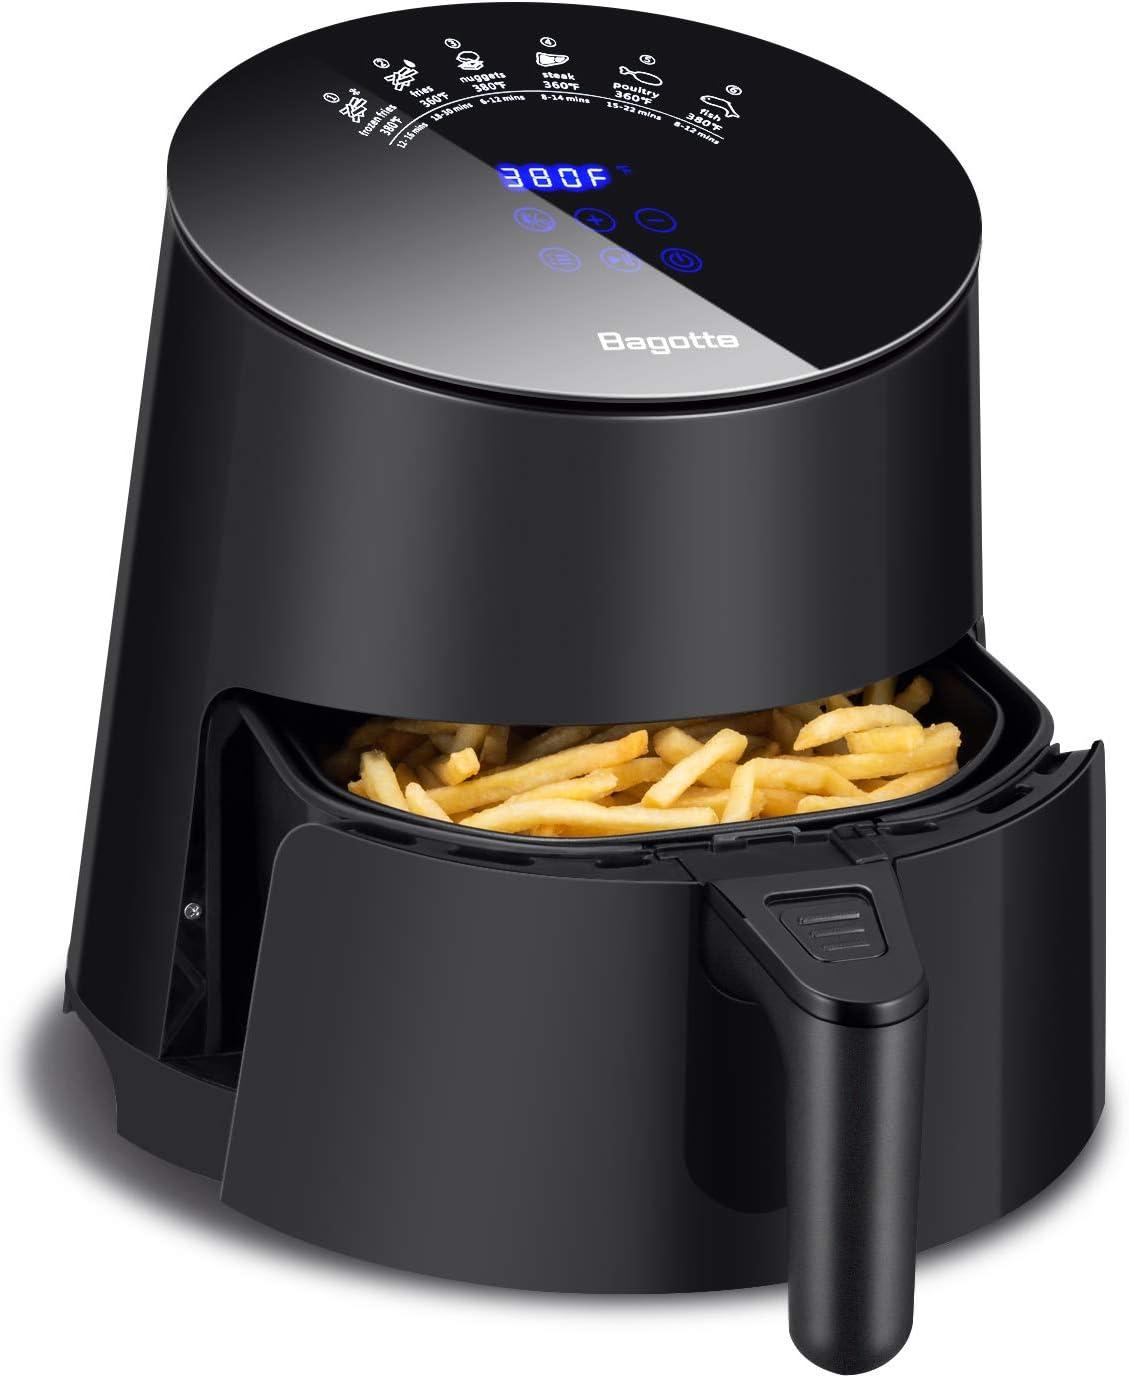 Bagotte 3.7 QT Capacity Programmable Hot Air fryer oven